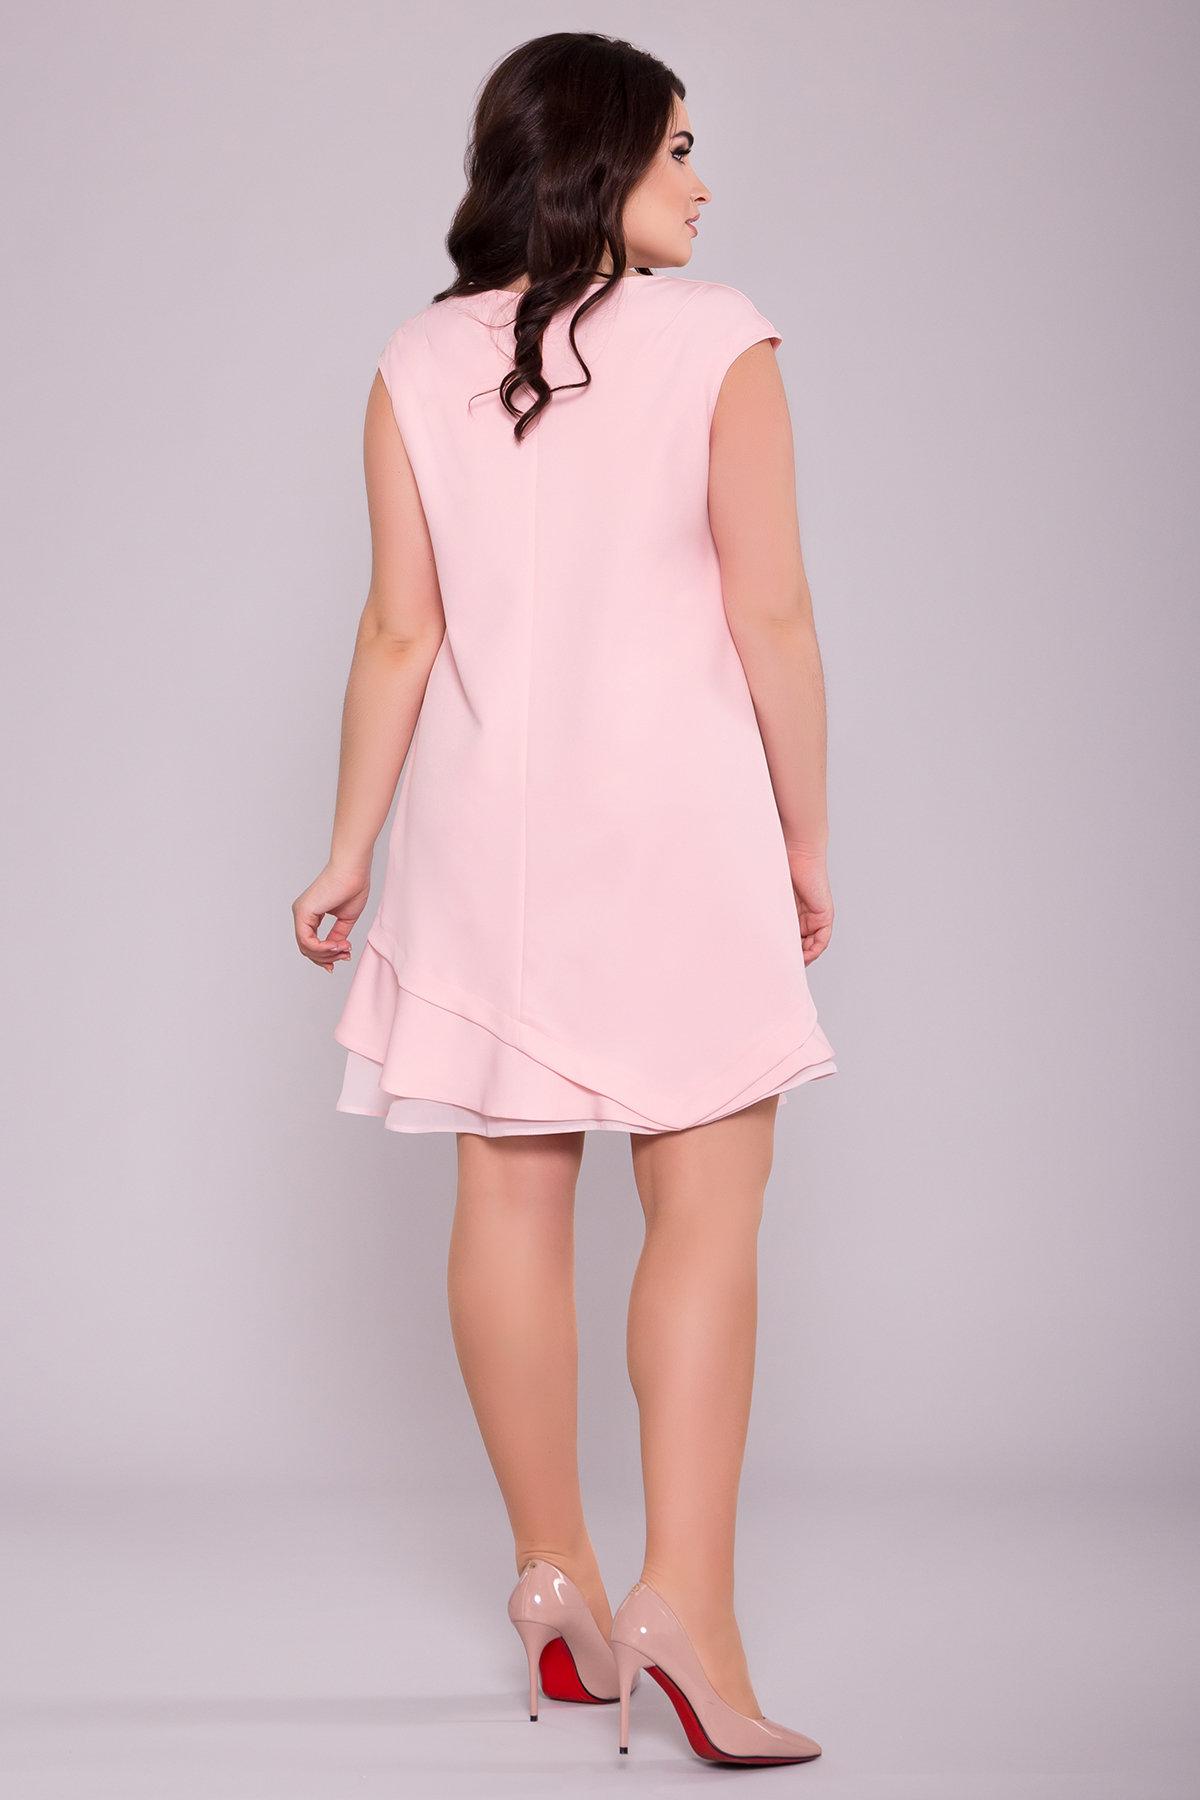 Платье Холли DONNA 6834 АРТ. 42050 Цвет: Пудра 6 - фото 2, интернет магазин tm-modus.ru